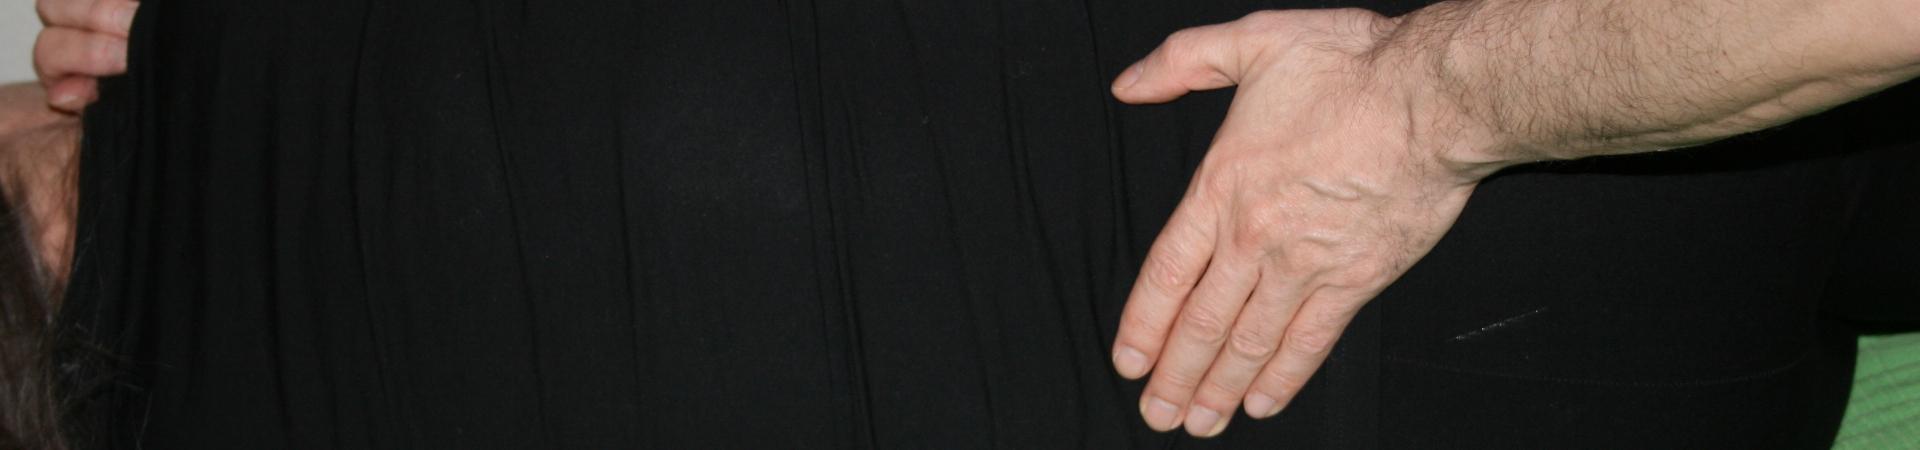 Billedet viser en en klient, der får behandling mod smerter i lænden.